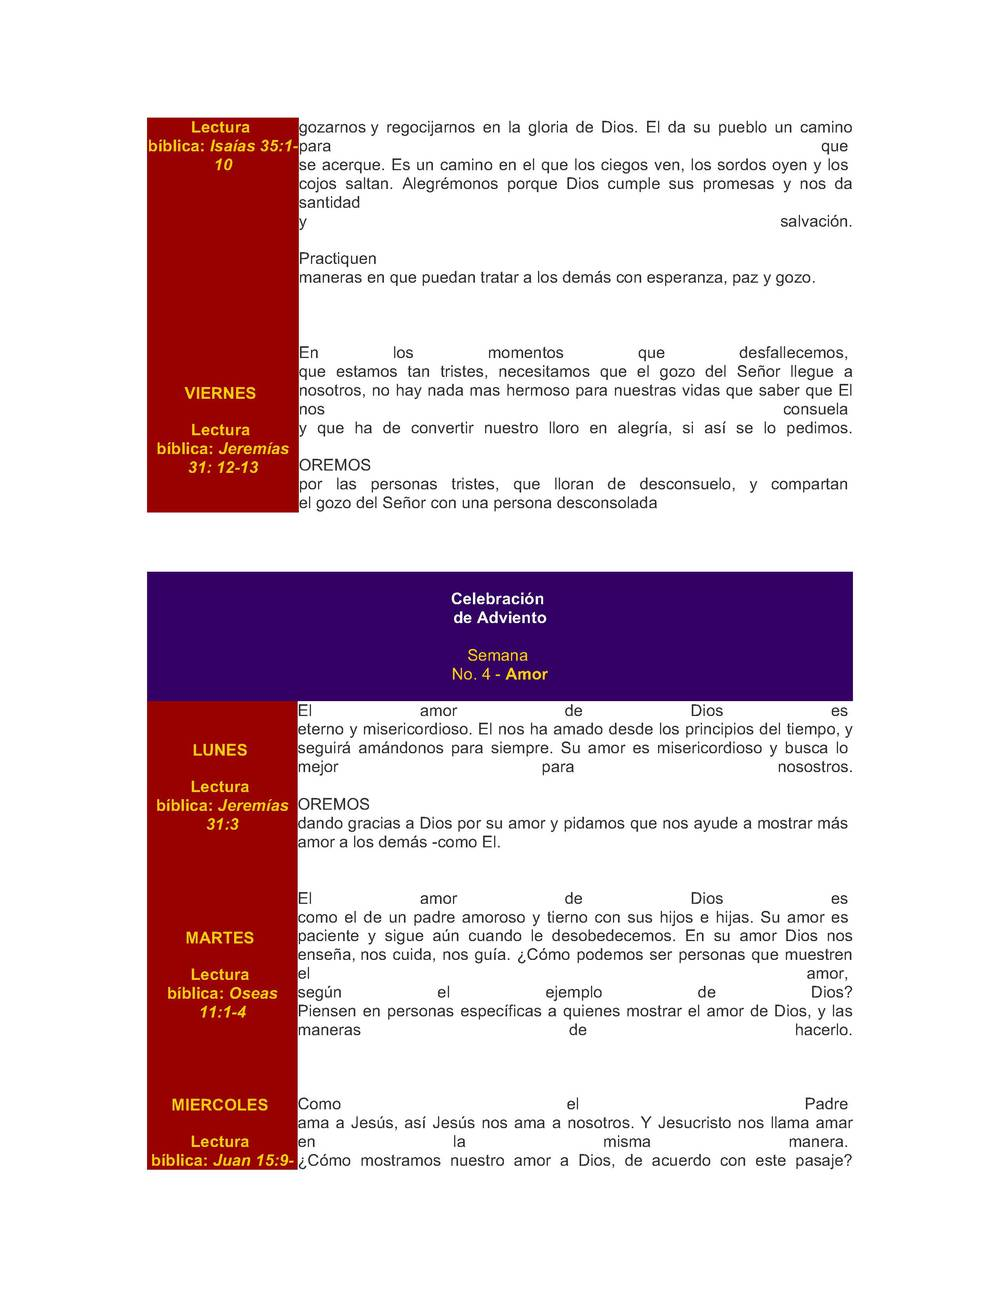 file-page4.jpg